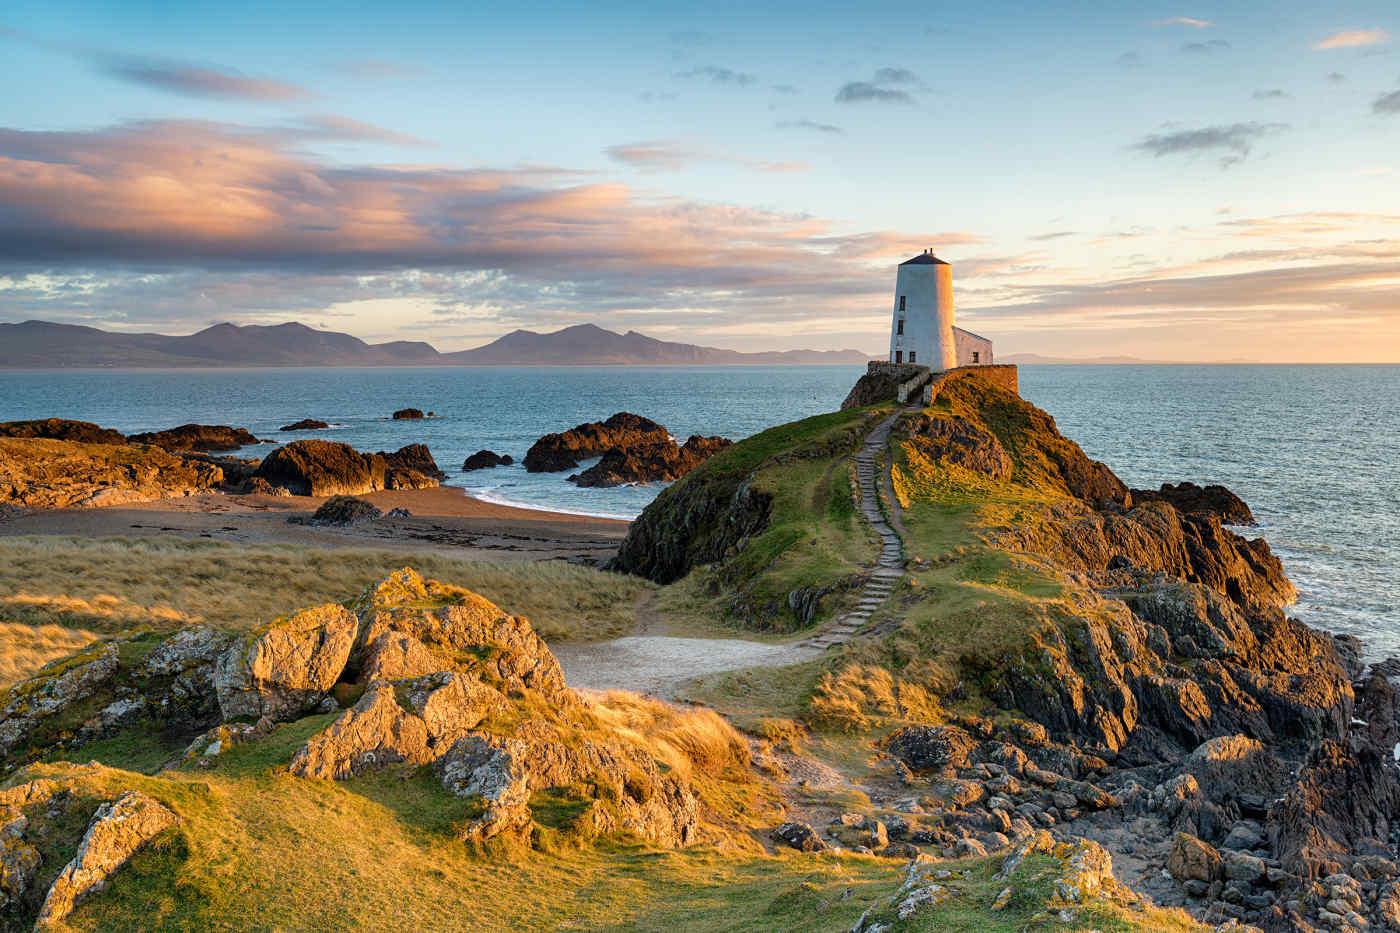 Llanddwyn Lighthouse, Anglesey, Wales